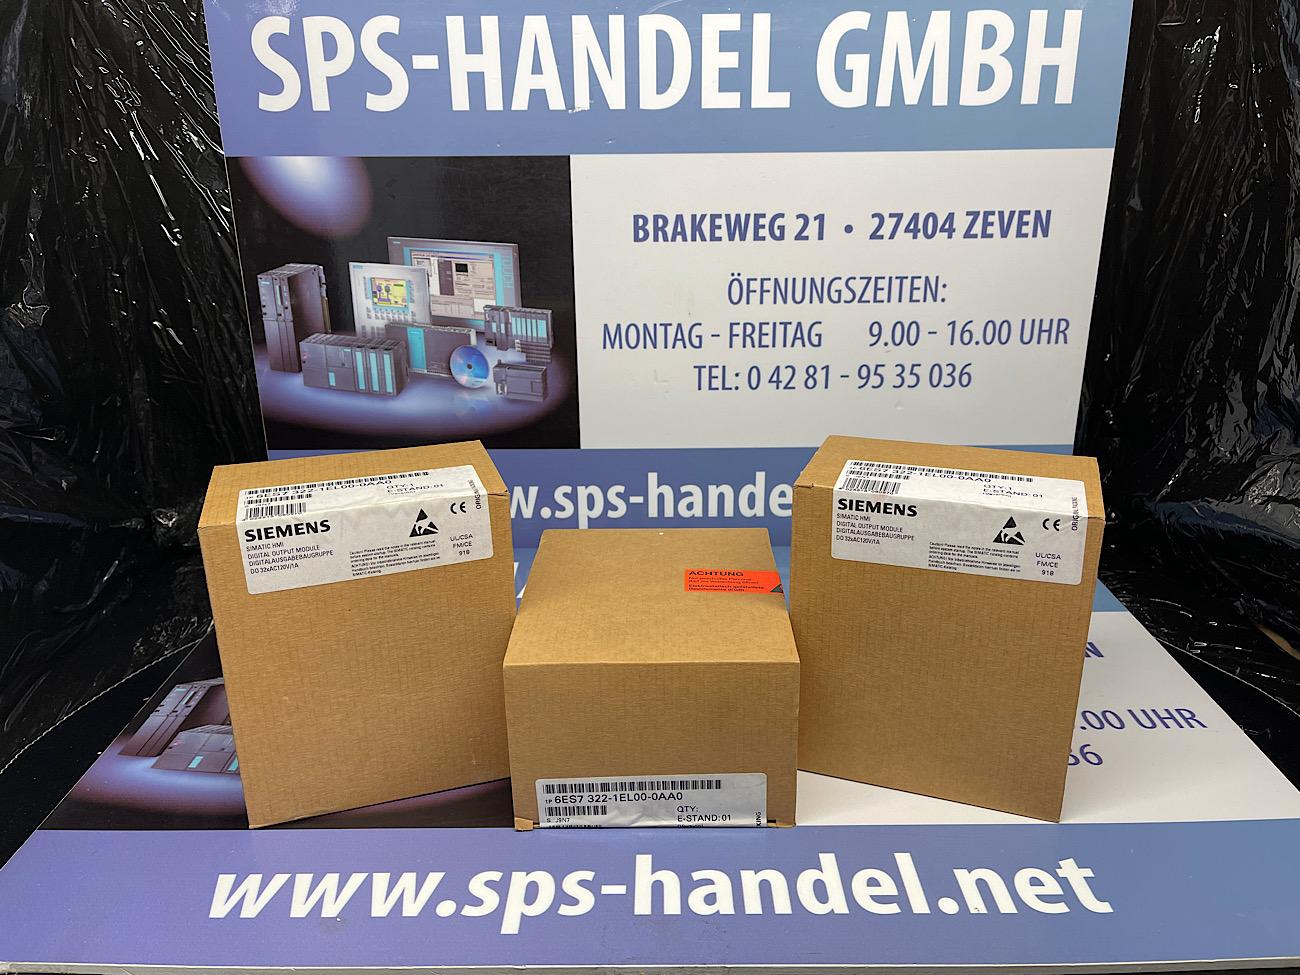 6ES7322-1EL00-0AA0   SM322 120V/230V   NEU versiegelt 40%